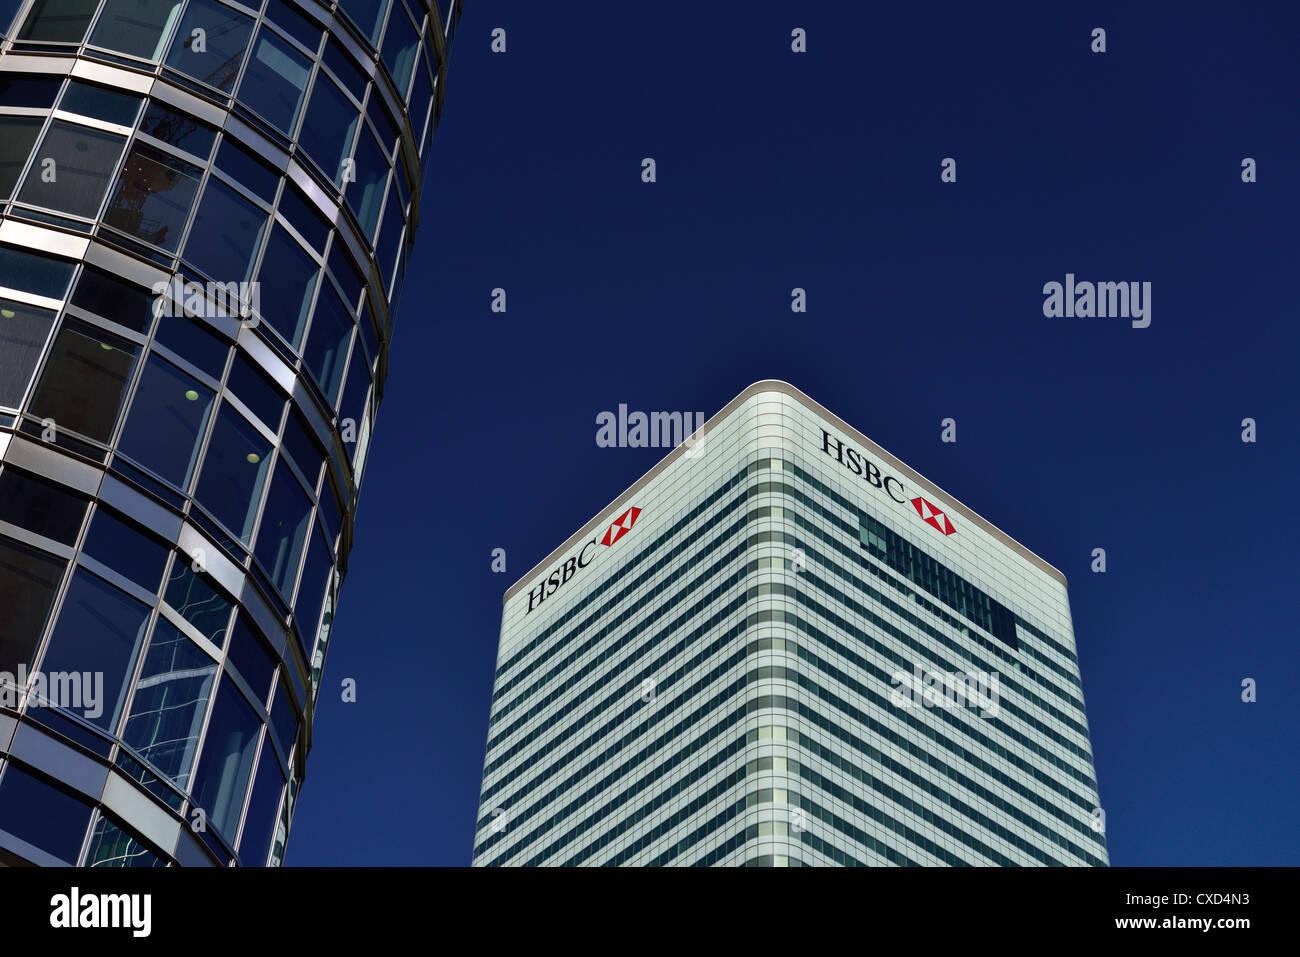 Hsbc London Stock Photos & Hsbc London Stock Images - Alamy